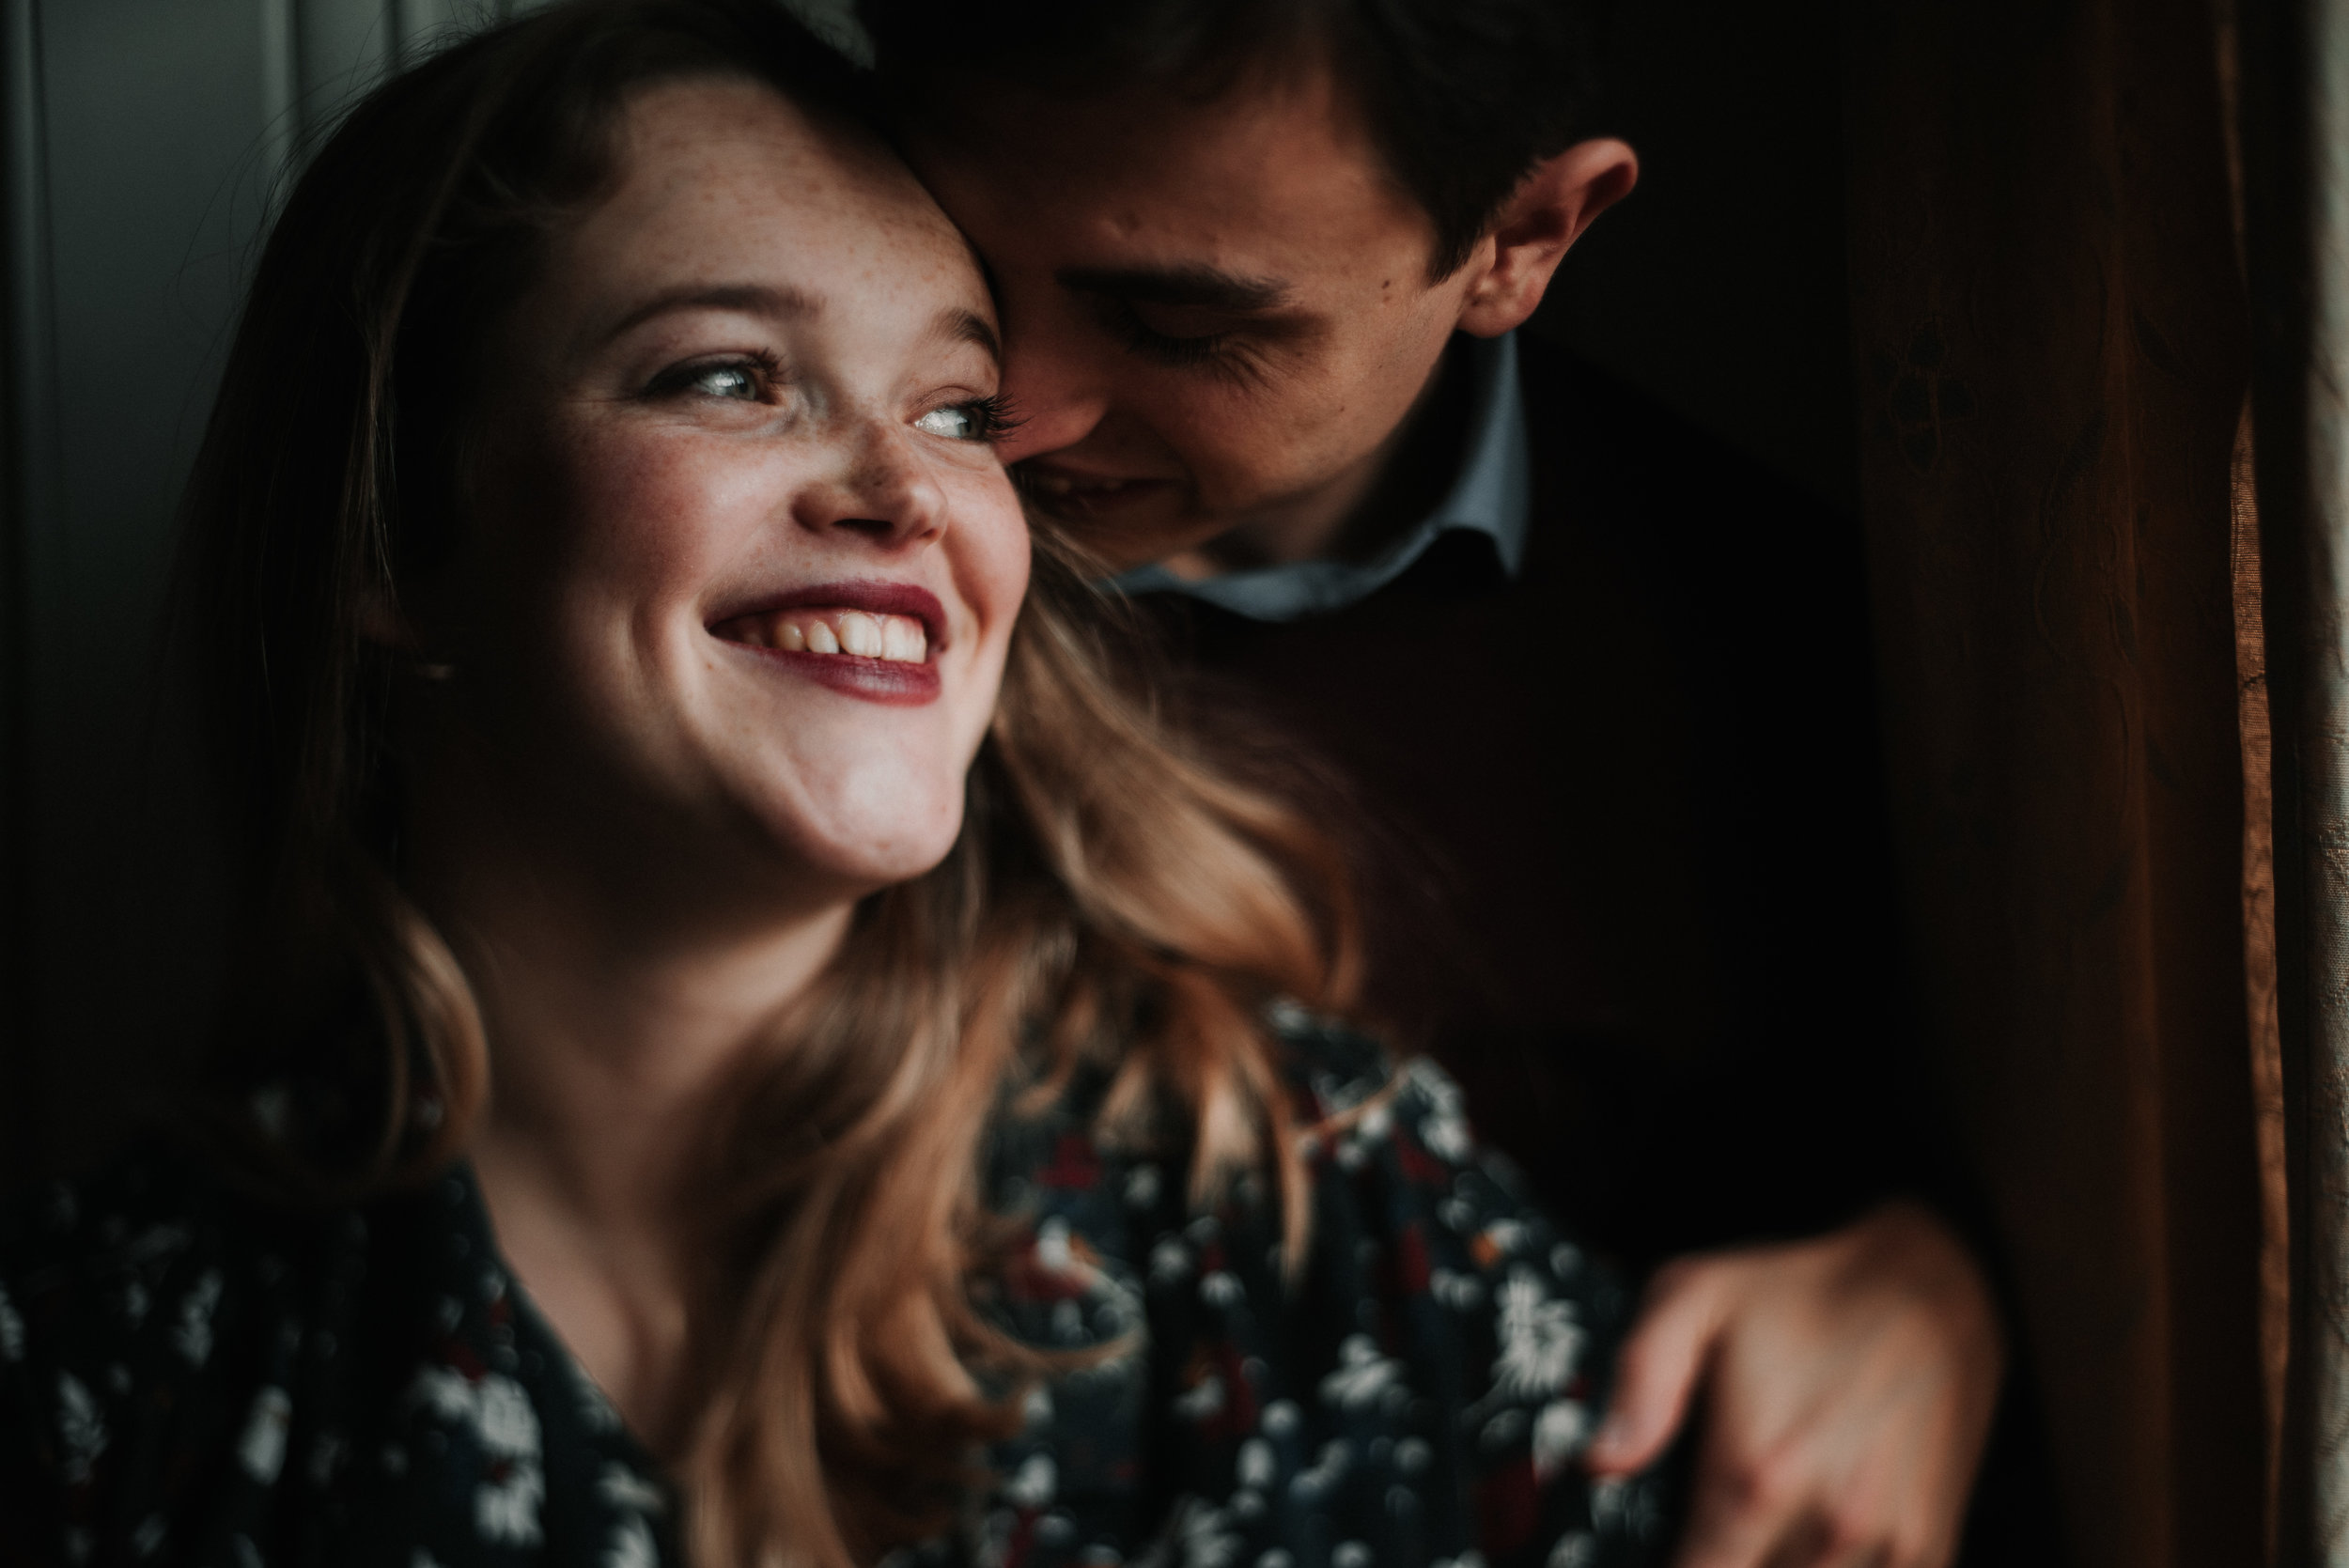 Léa-Fery-photographe-professionnel-lyon-rhone-alpes-portrait-creation-mariage-evenement-evenementiel-famille-2443.jpg